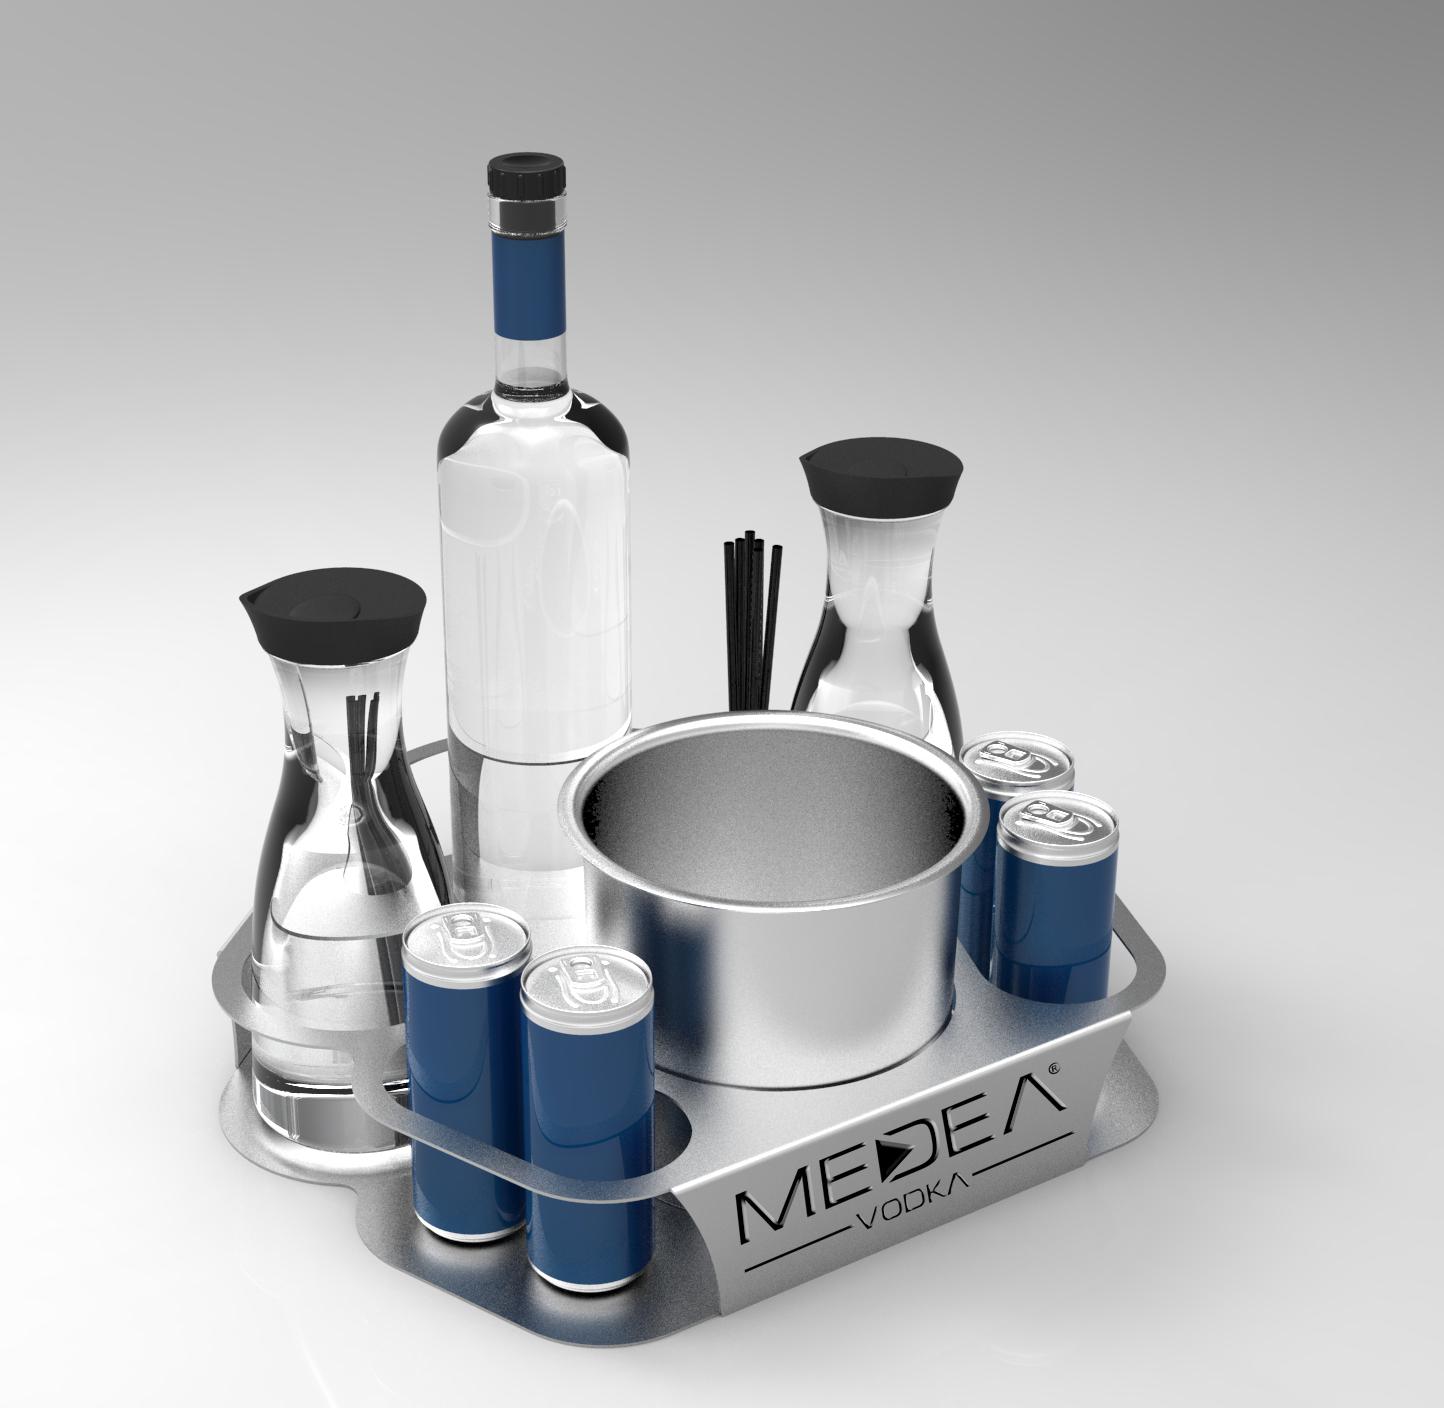 energy-2-medea-sample.jpg